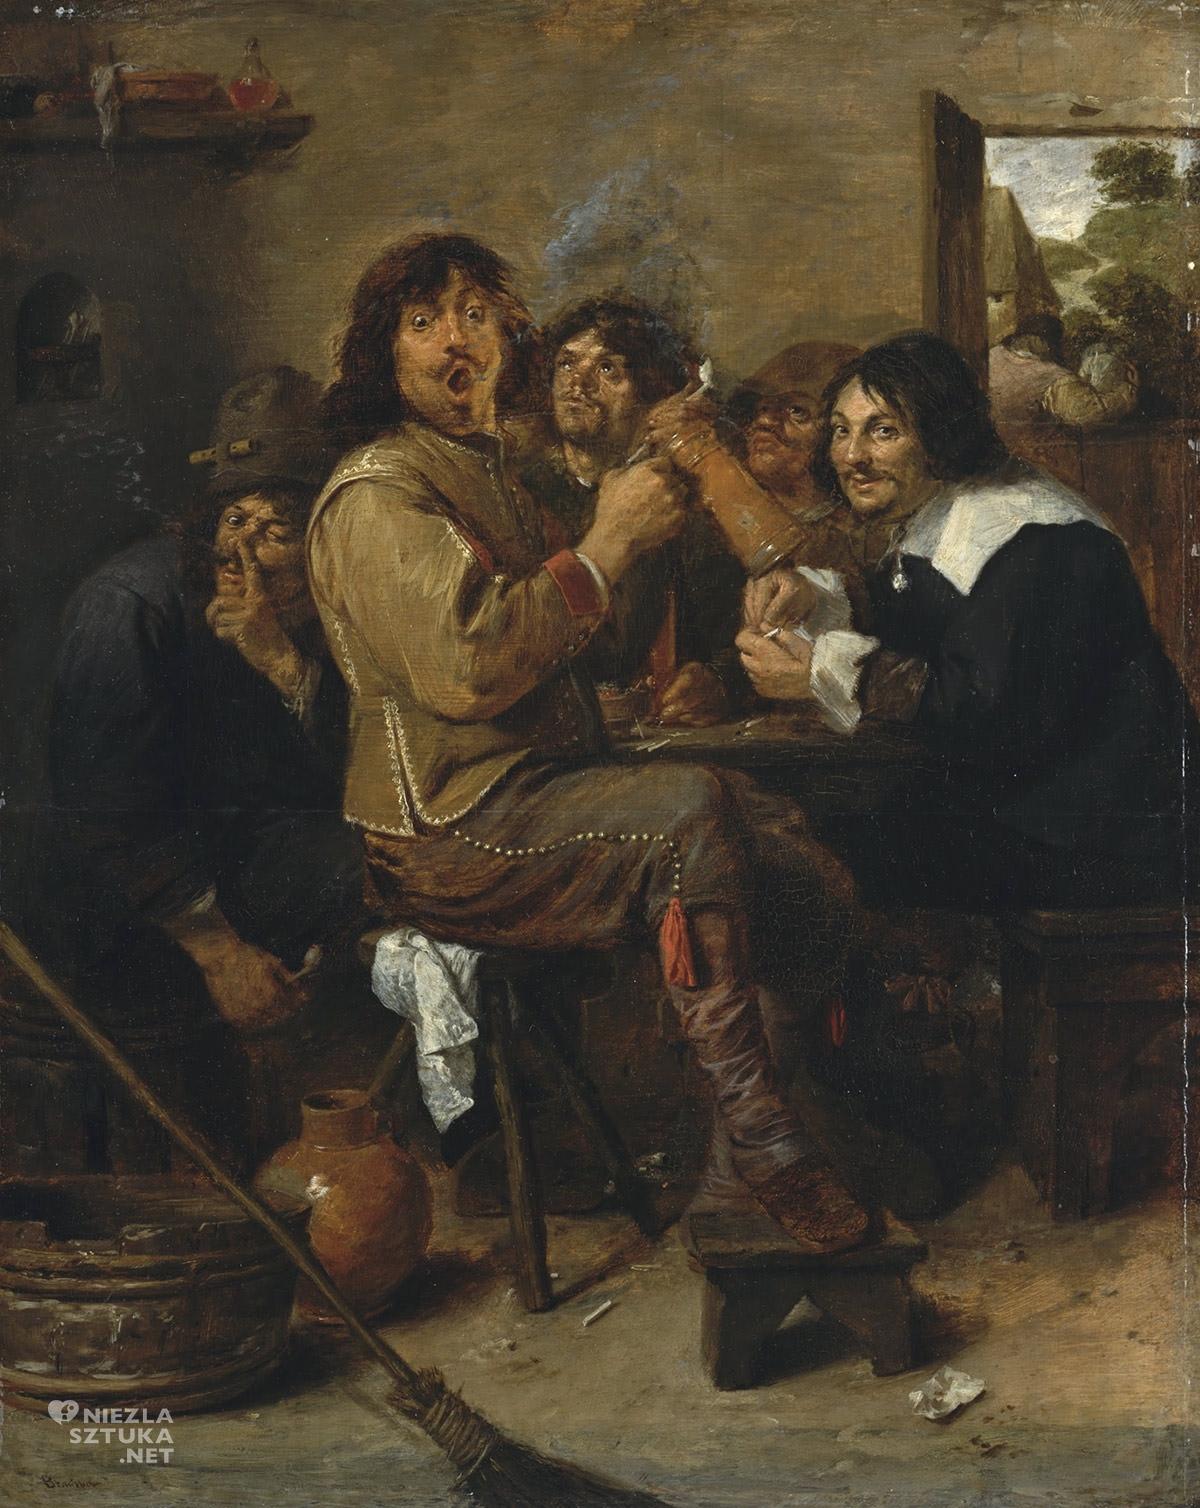 Adriaen Brouwer, Palacze, sztuka europejska, malarstwo flamandzkie, Niezła Sztuka